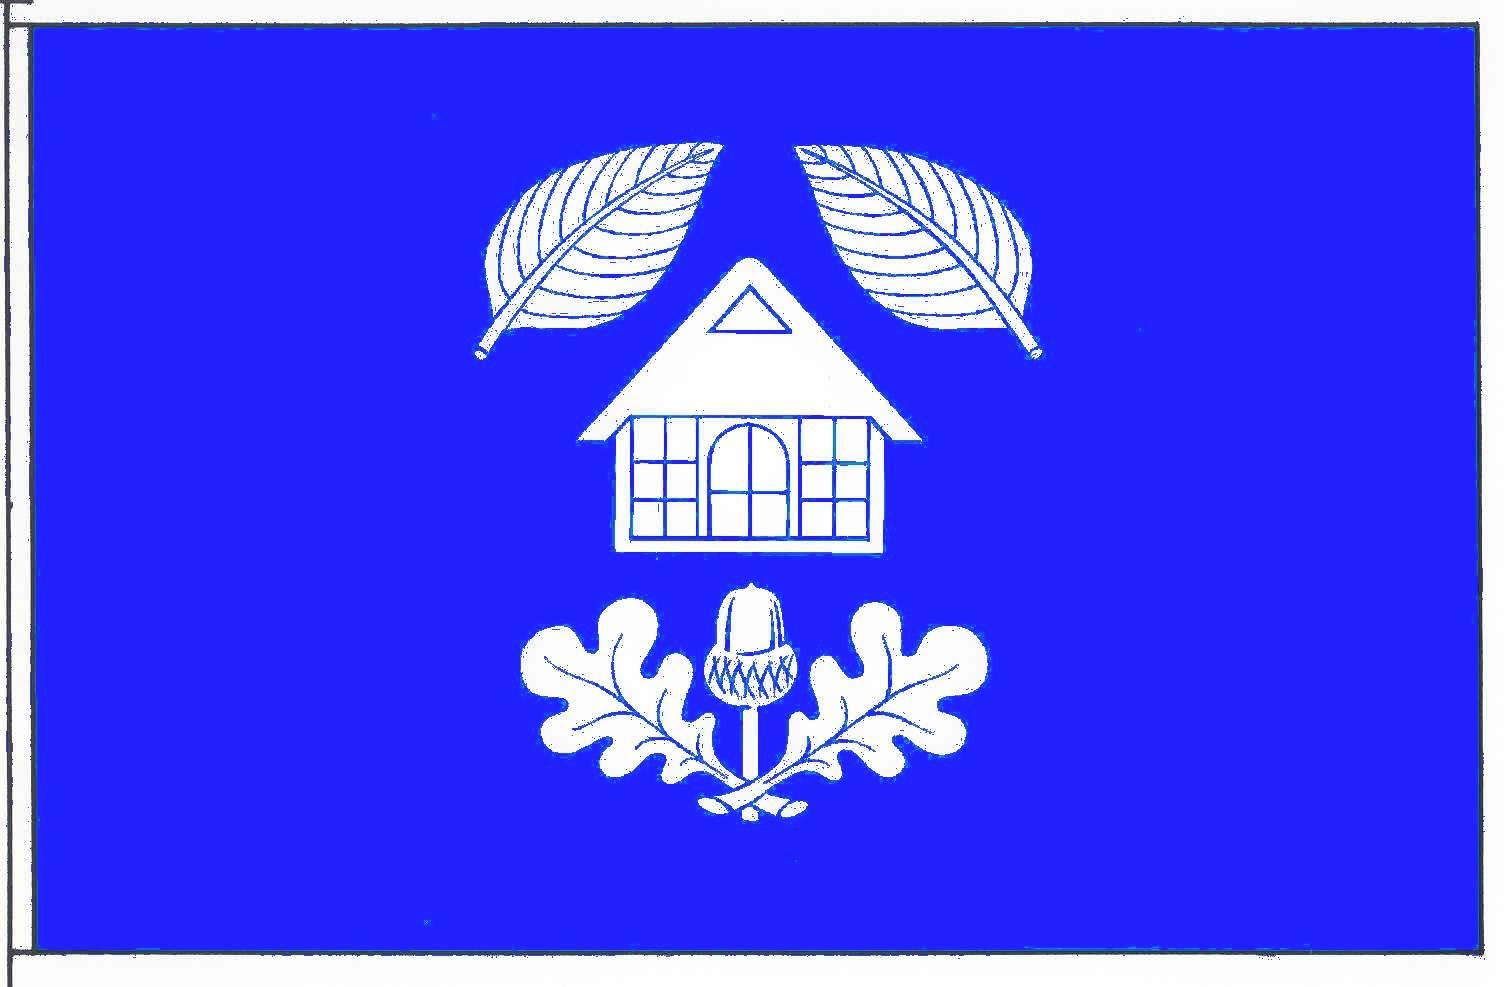 Flagge GemeindeHolzbunge, Kreis Rendsburg-Eckernförde